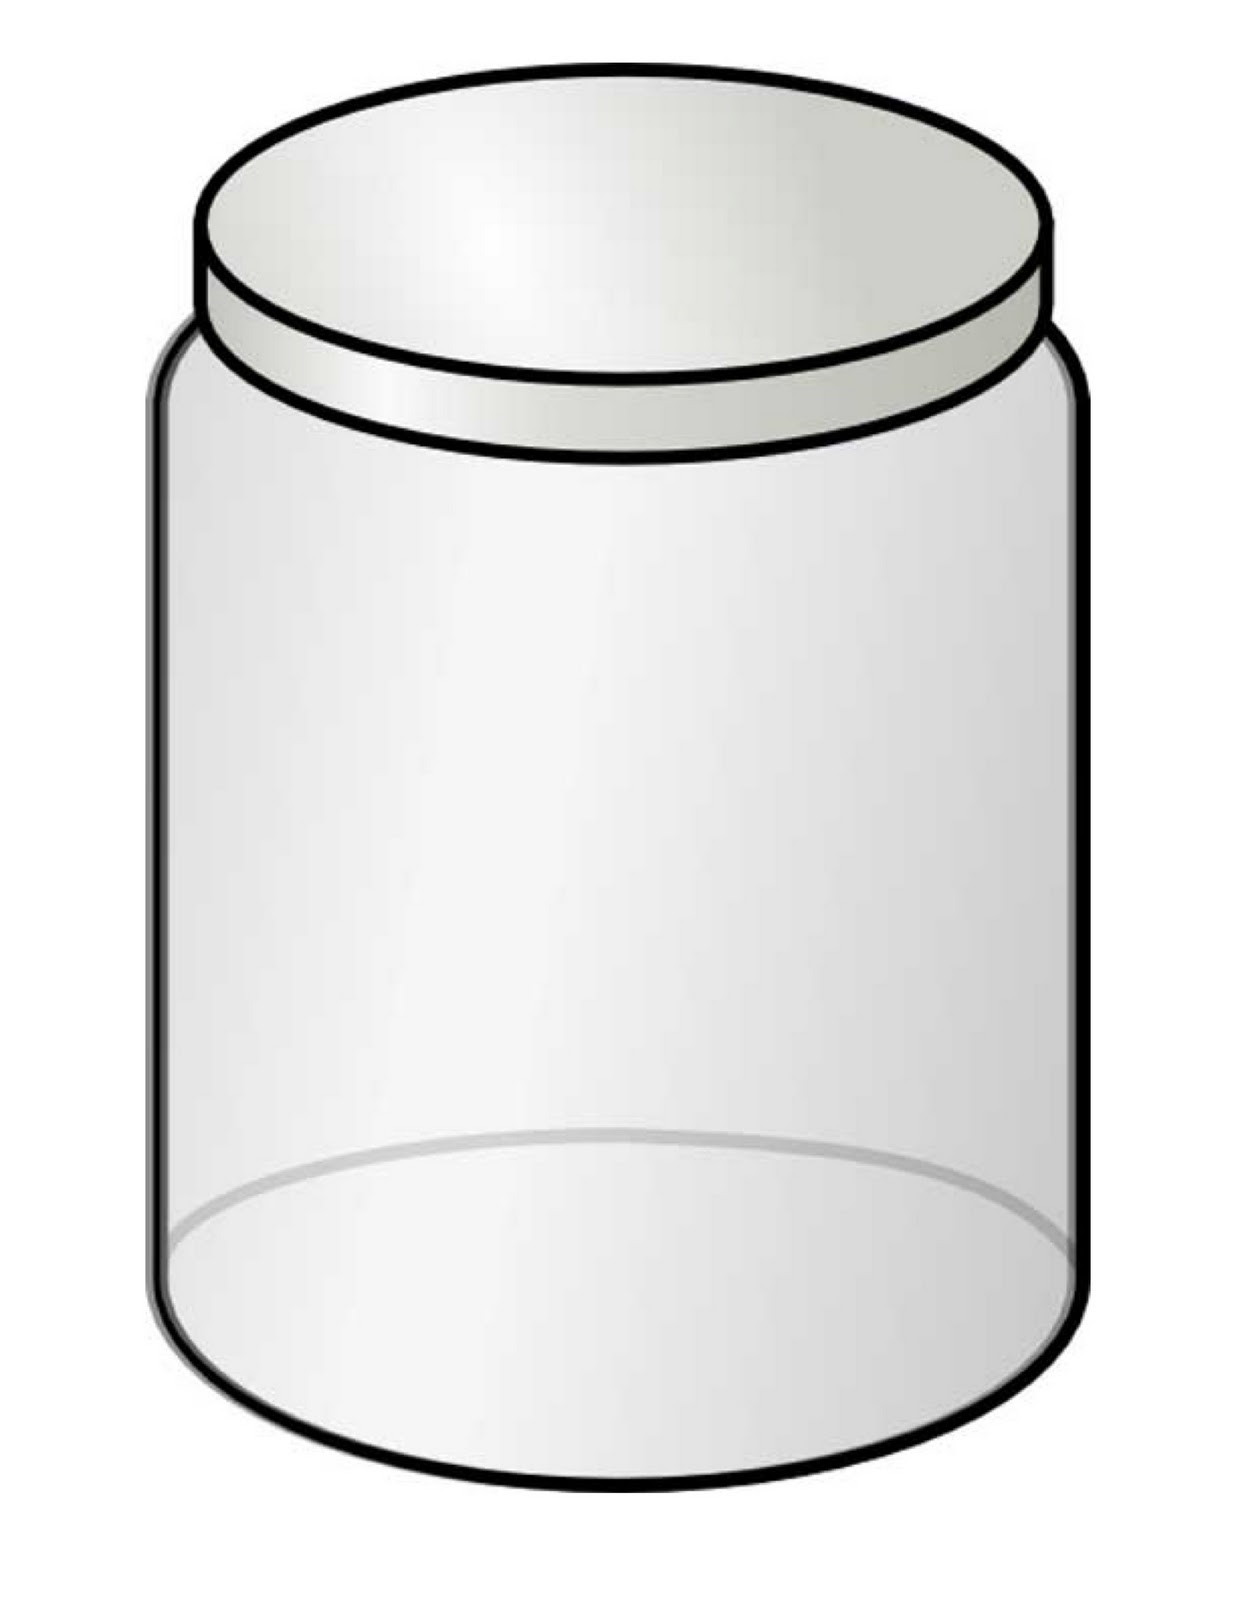 Mason Jar Coloring Pages